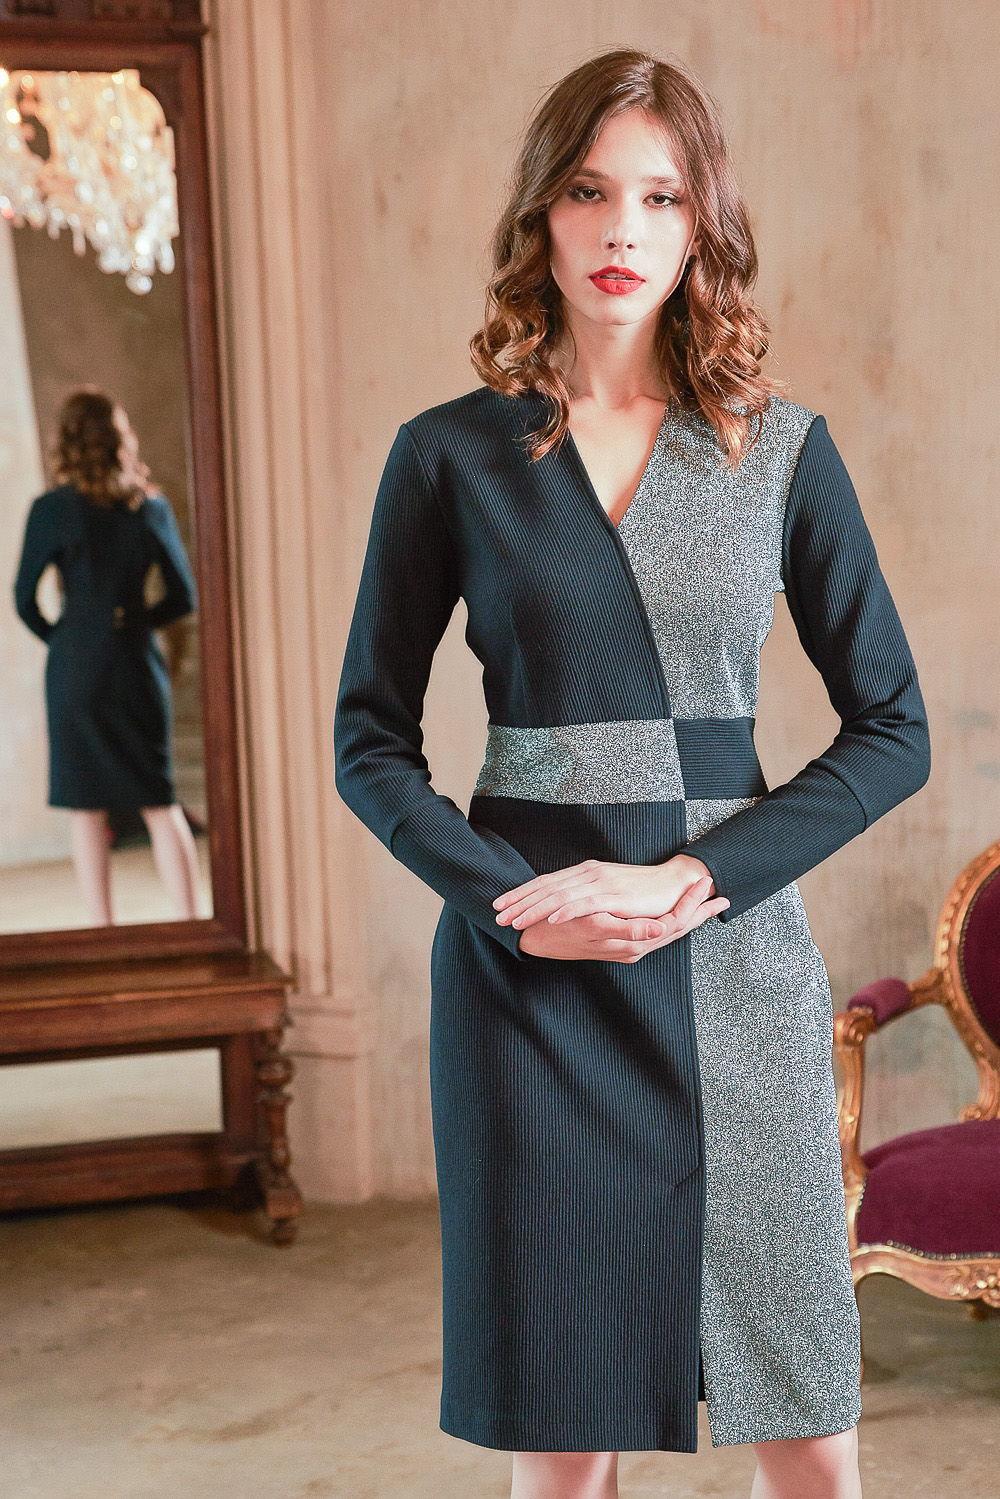 Платье З416-213 - Нестандартное, интересное комбинированное платье из тканей-компаньонов сдержанной стальной цветовой гаммы. Позволяет отойти от скучной повседневности и шаблонности.Приталенный силуэт и контрастный пояс подчеркивают все достоинства женской фигуры. Узкий длинный рукав. Визуально удлиняет линию шеи V-образный вырез горловины. Спереди на подоле разрез обеспечивает свободу движения и придает нотку соблазнительности.Оригинальный крой и дуэт двух тканей делают образ самодостаточным, и он не нуждается в дополнительных украшениях